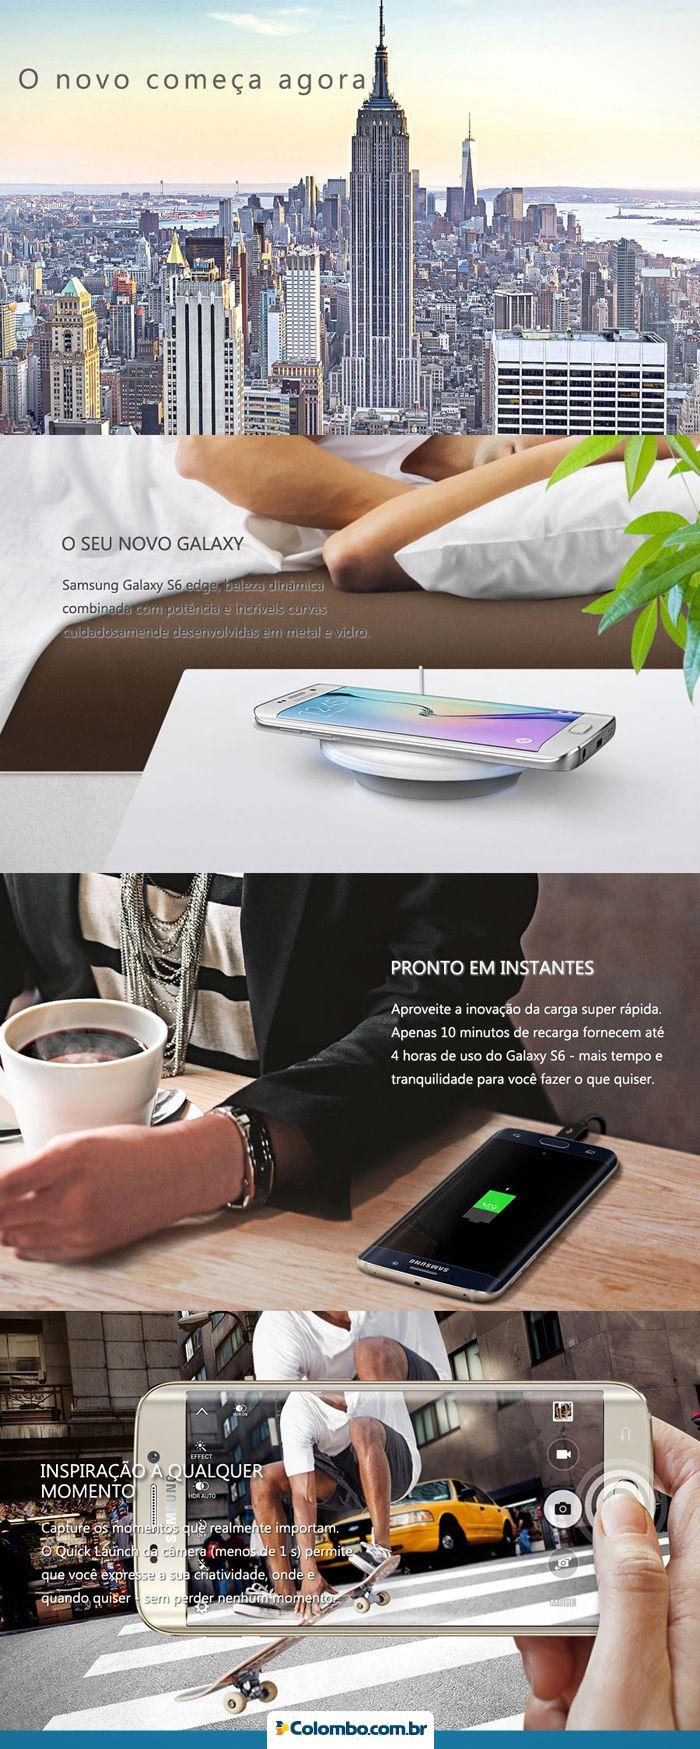 Notebook samsung lojas colombo - O Futuro Agora Na Lojas Colombo Com O Novo Samsung Galaxy S6 Voc Tem